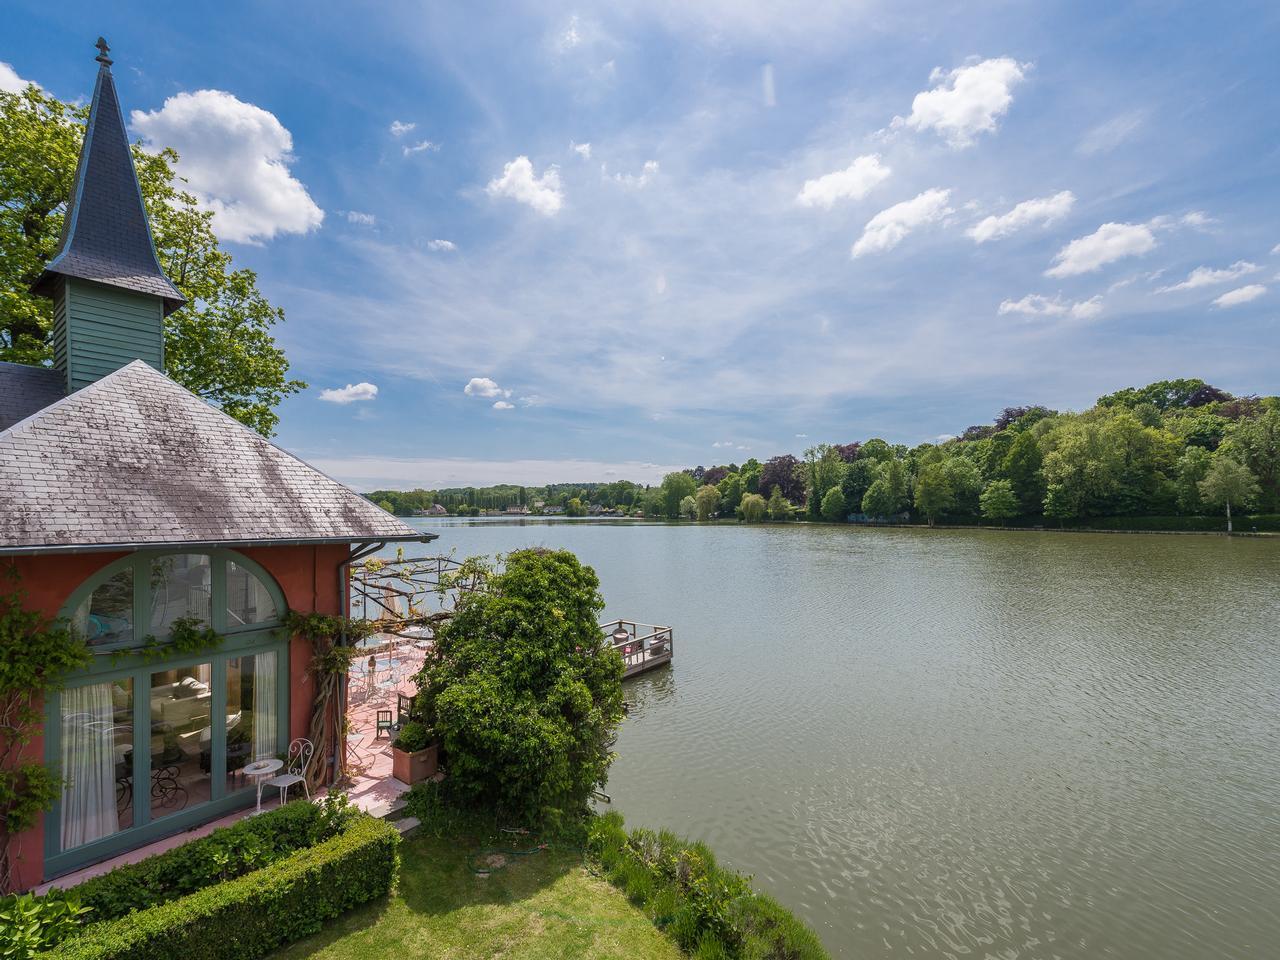 其它住宅 为 销售 在 Genval I Au bord du lac 比利时其他地方, 比利时的其他地区, 3090 比利时